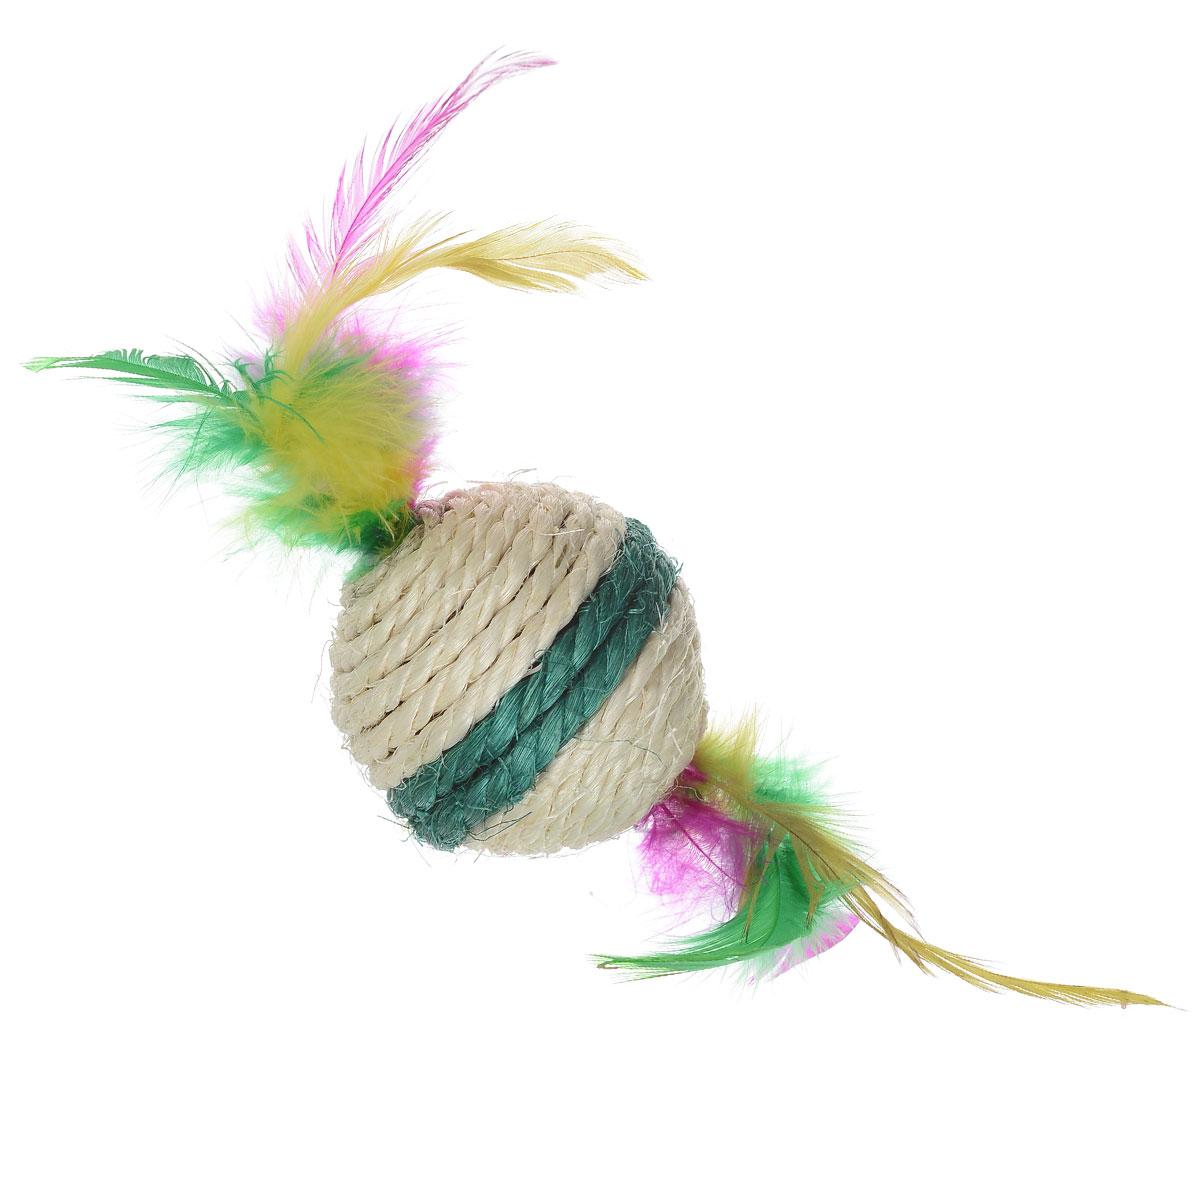 Игрушка-когтеточка Triol Шарик с перьями, цвет: зеленый, диаметр 6 смКк-03000_зеленая полоскаИгрушка-когтеточка Triol Шарик с перьями выполнена из сизаля и украшена разноцветными перьями. Внутри игрушки находится погремушка. Всем кошкам необходимо стачивать когти. Когтеточка - один из самых необходимых аксессуаров для кошки. Для приучения к когтеточке можно натереть ее сухой валерьянкой или кошачьей мятой. Игрушка-когтеточка Triol Шарик с перьями поможет вашему любимцу стачивать когти и при этом не портить вашу мебель. Диаметр игрушки: 6 см.